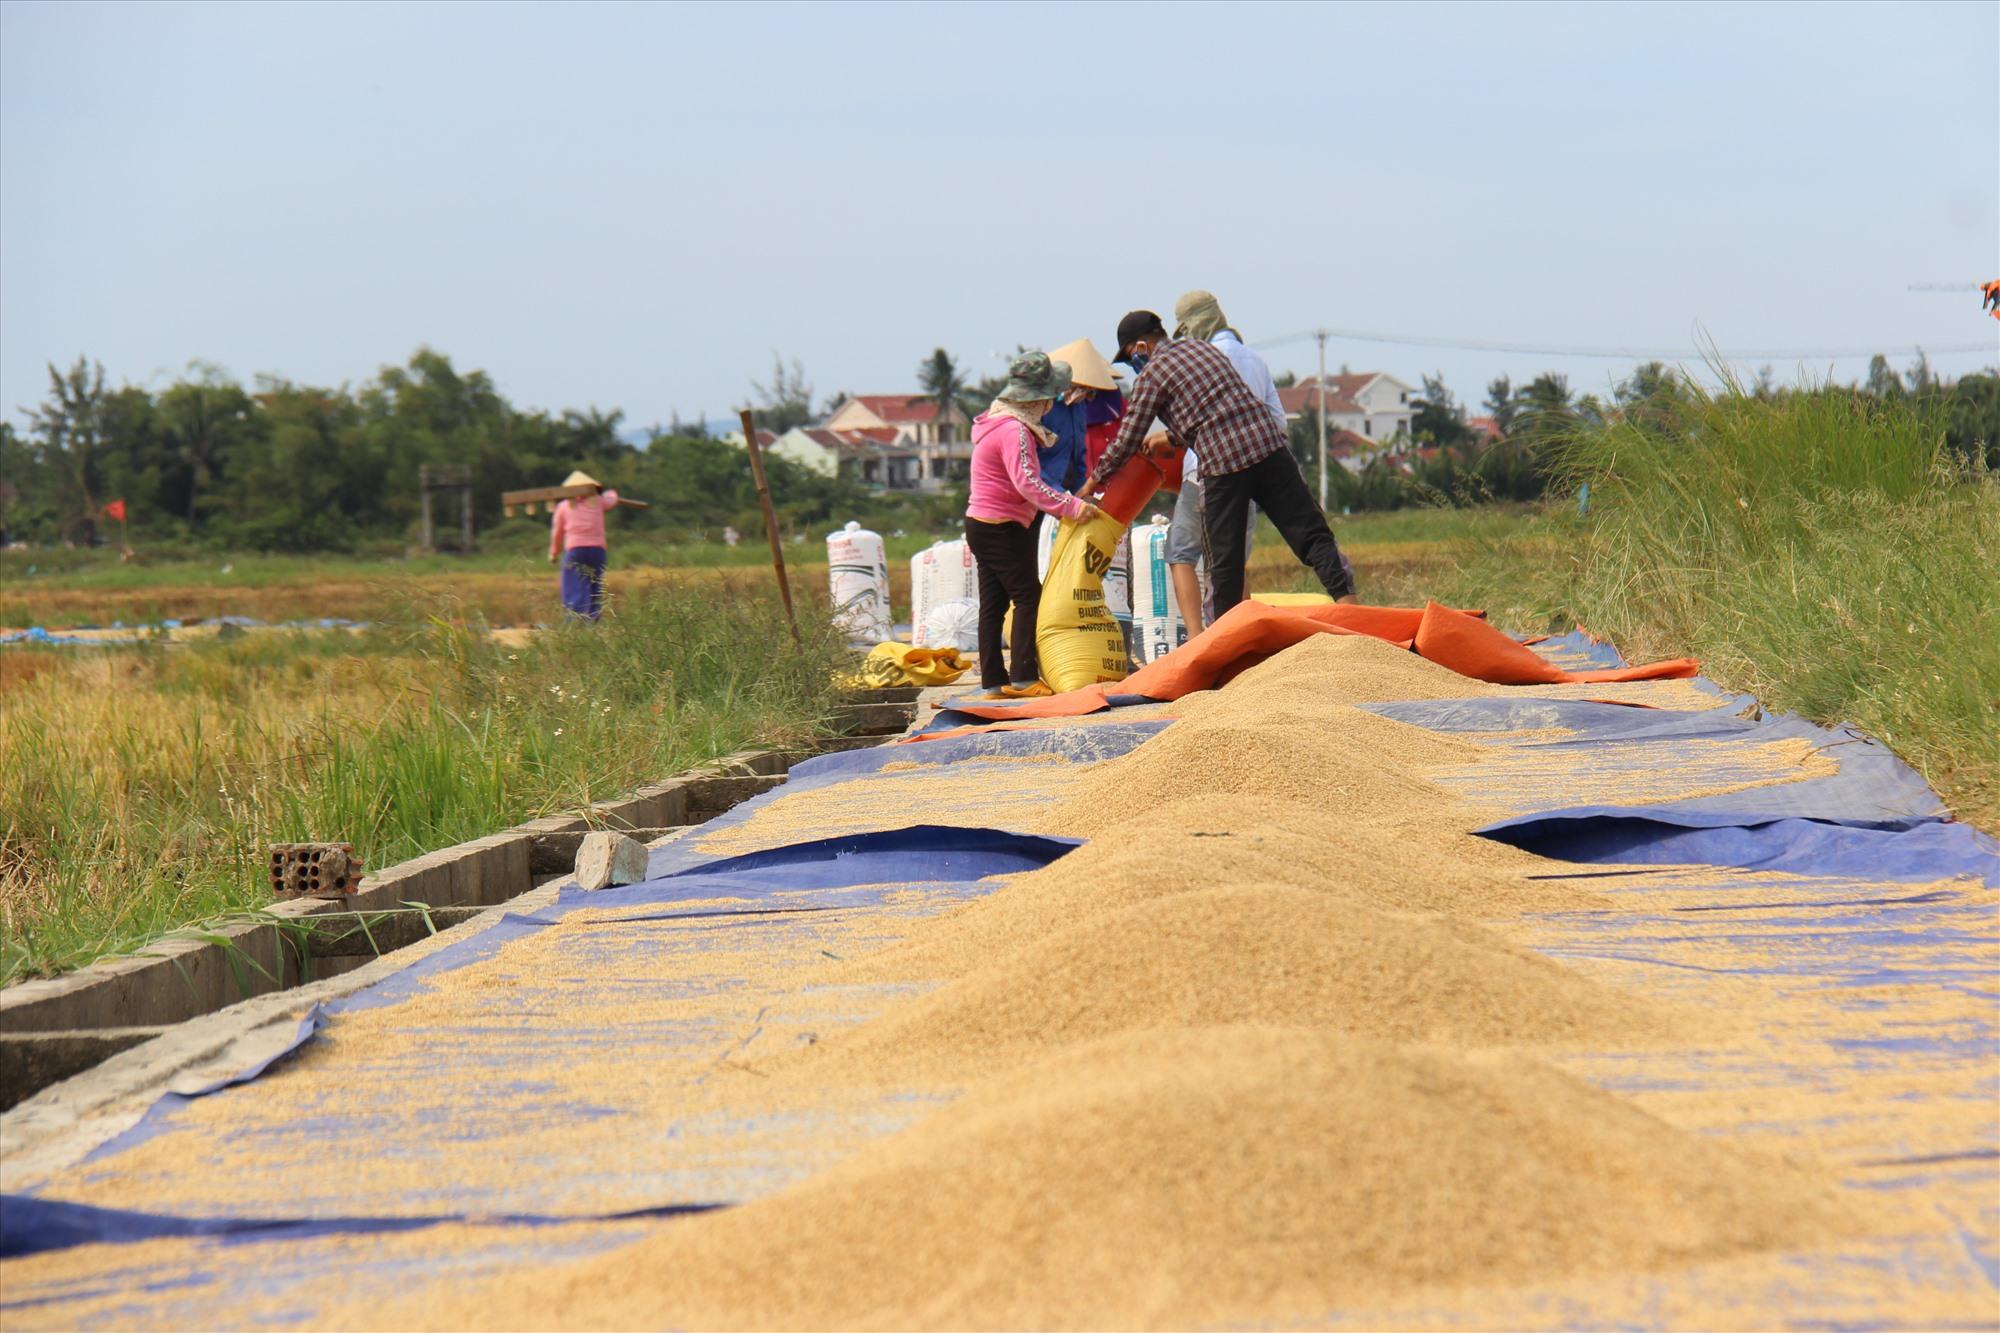 Tranh thủ thời tiết nắng trước bão, người dân phường Cẩm Châu, thành phố Hội An phơi lúa cho khô. Ảnh: THANH THẮNG